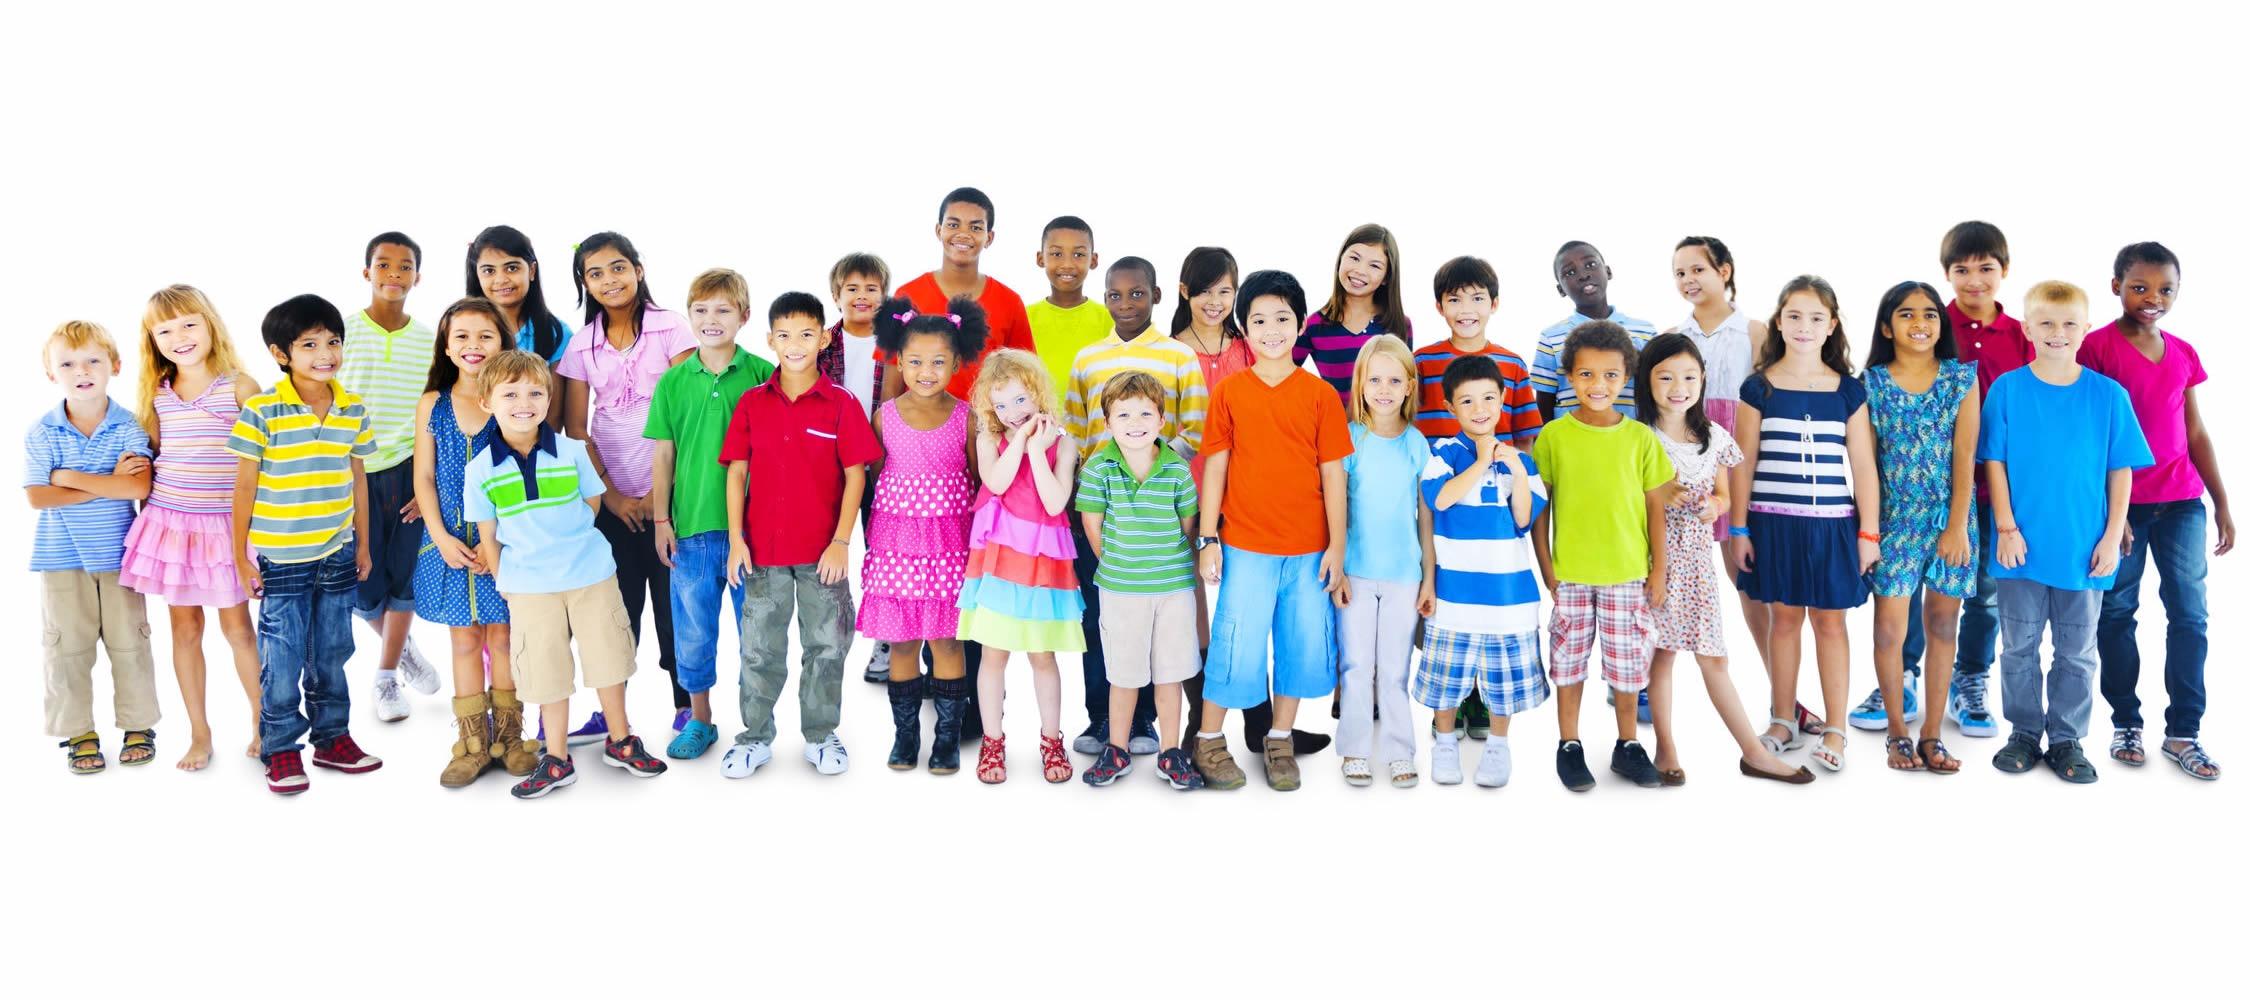 schoolkinderen2-1